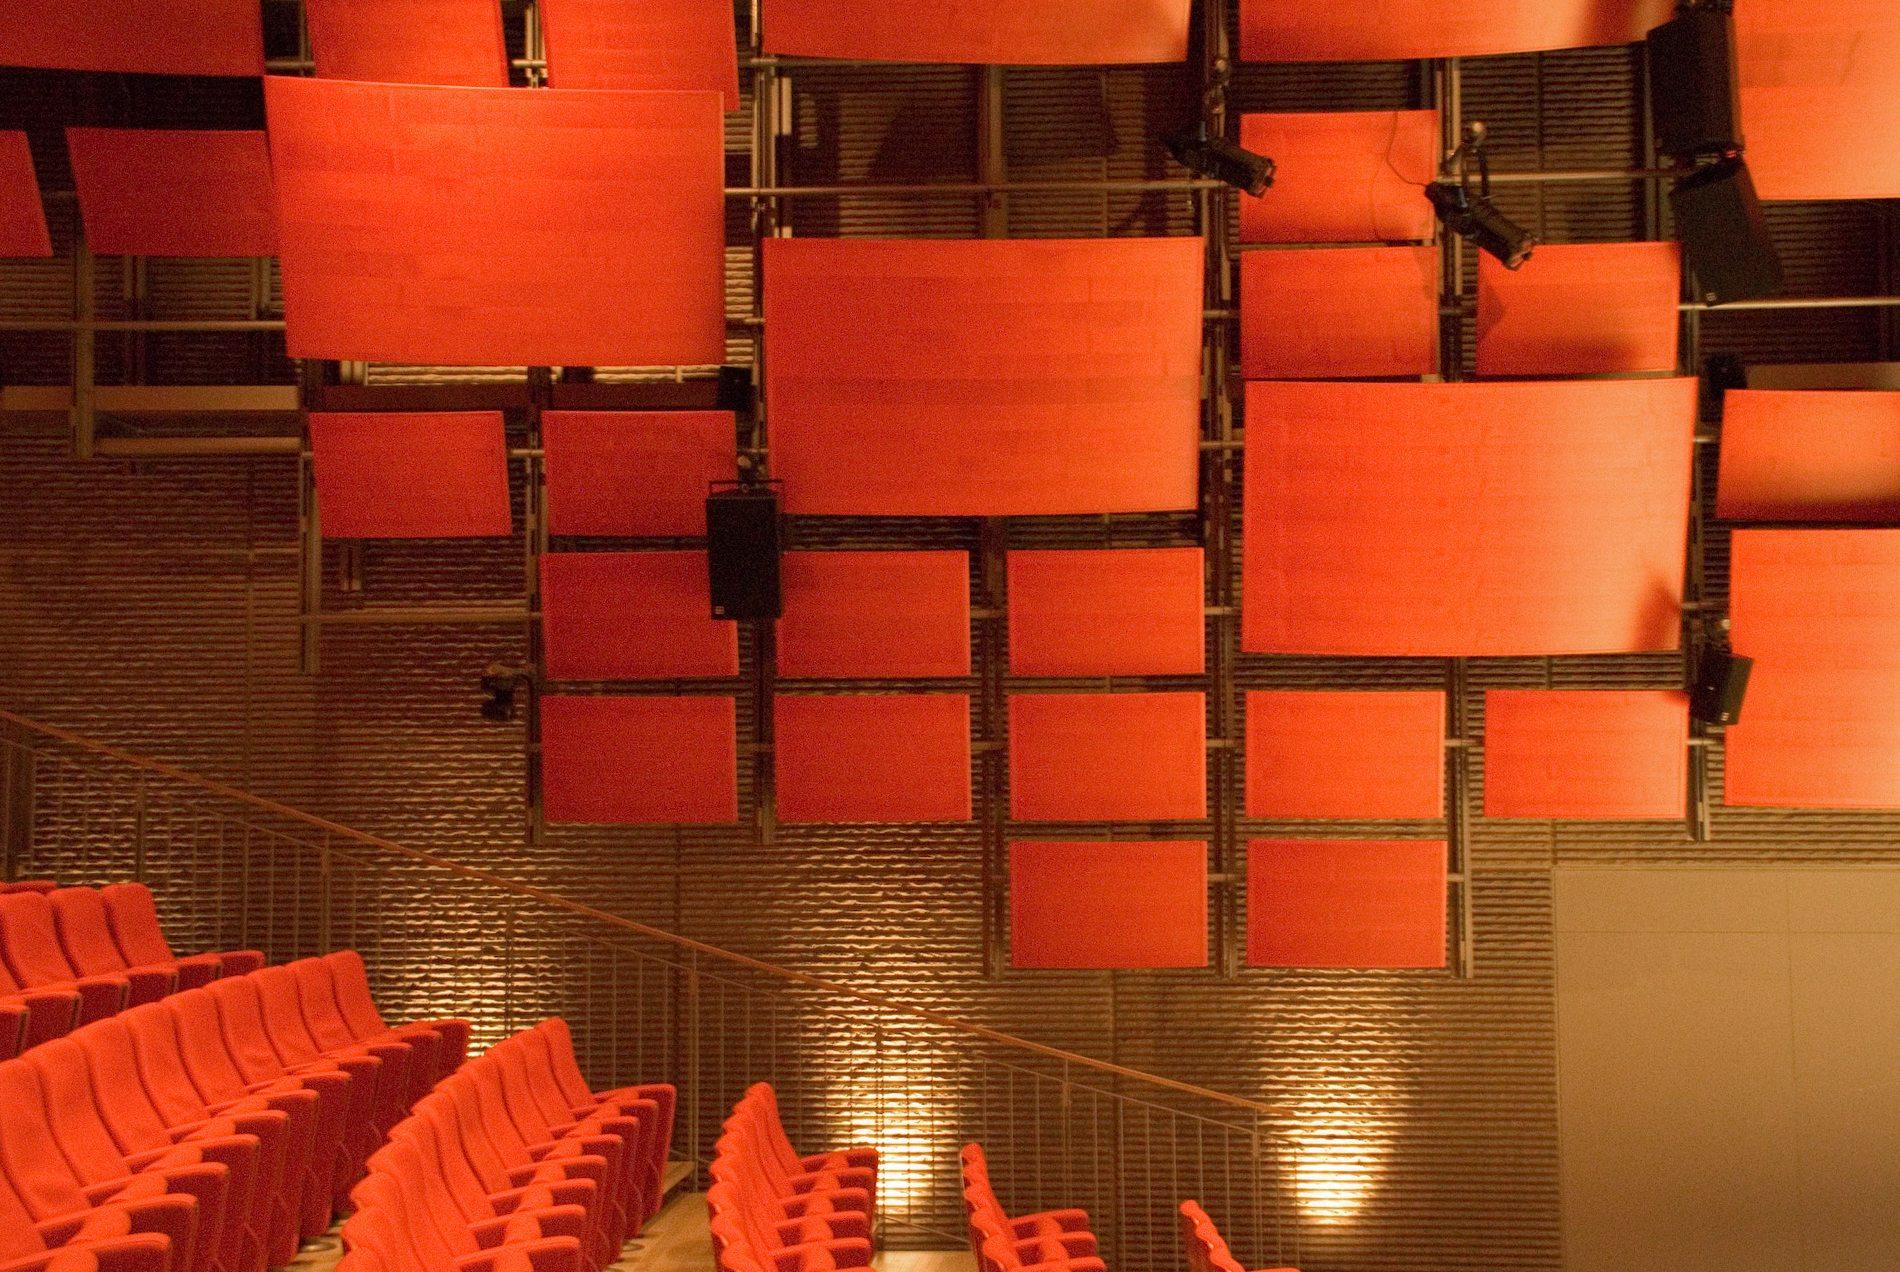 Zentrum Paul Klee. Das Auditorium fasst 300 Personen, hat einen Regieraum und Simultanübersetzerkabinen und eignet sich für Symposien, Präsentationen, Musik- und Theaterveranstaltungen.